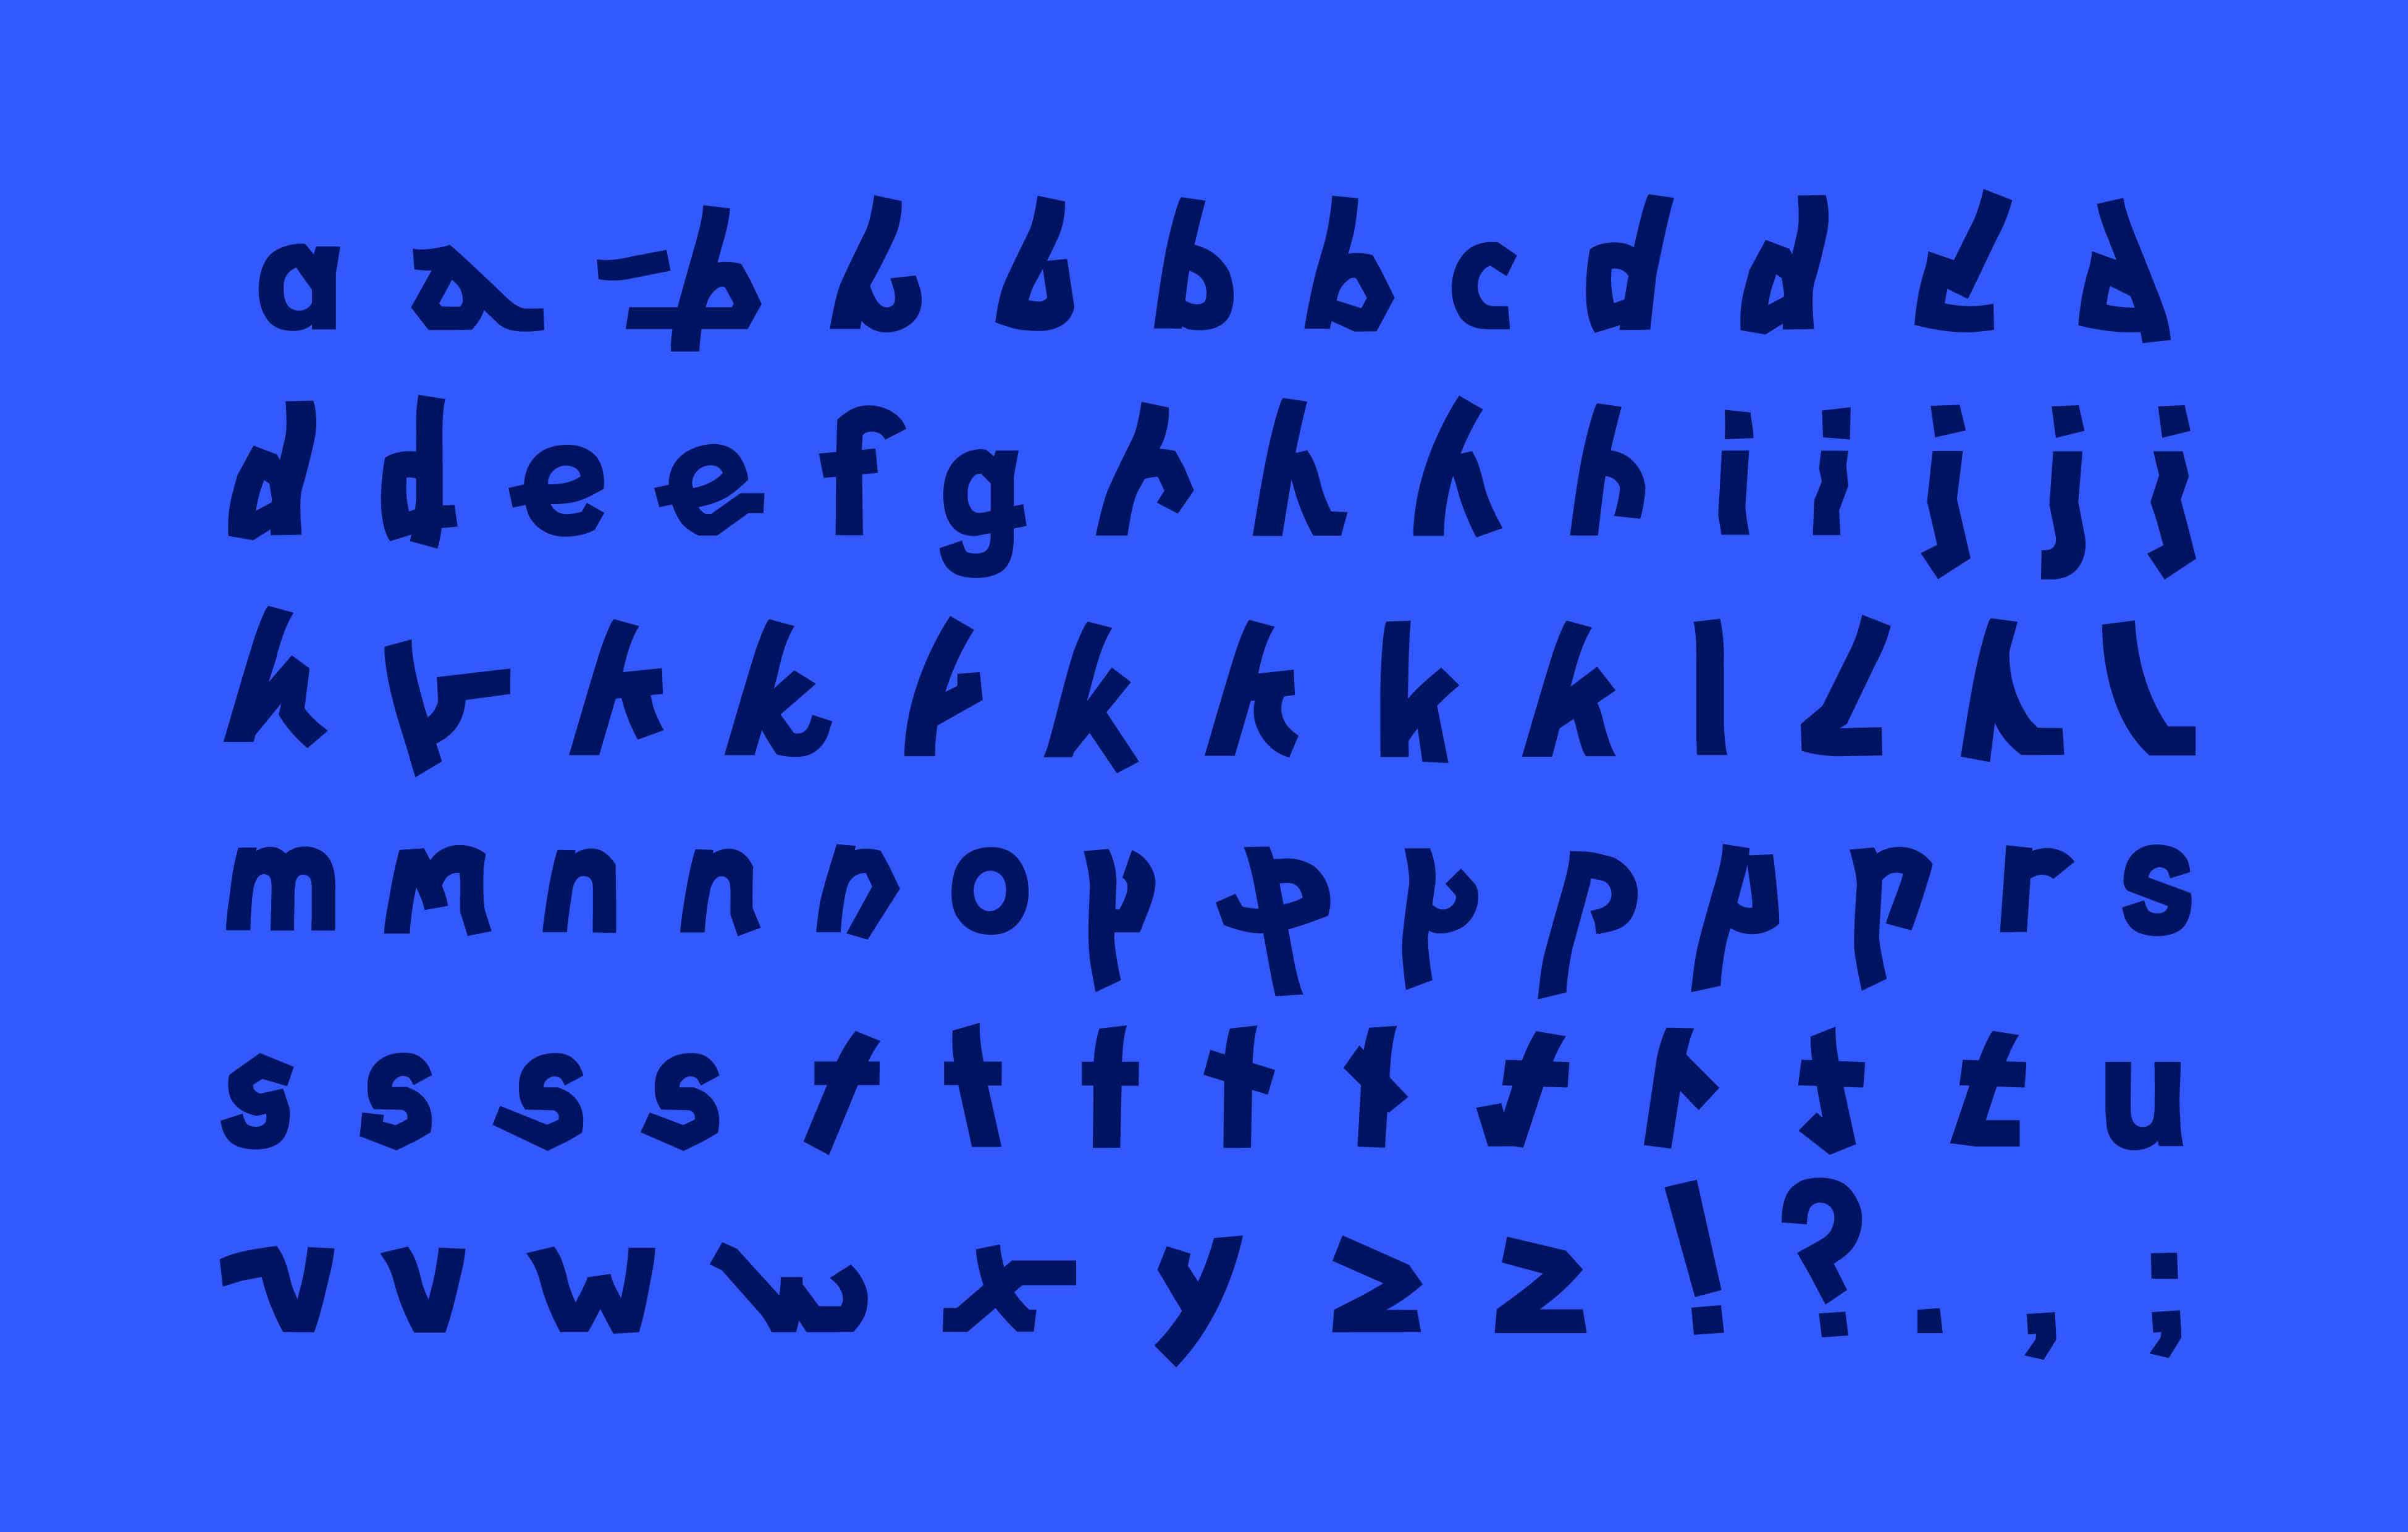 der komplette zeichensatz des stotts alphabets